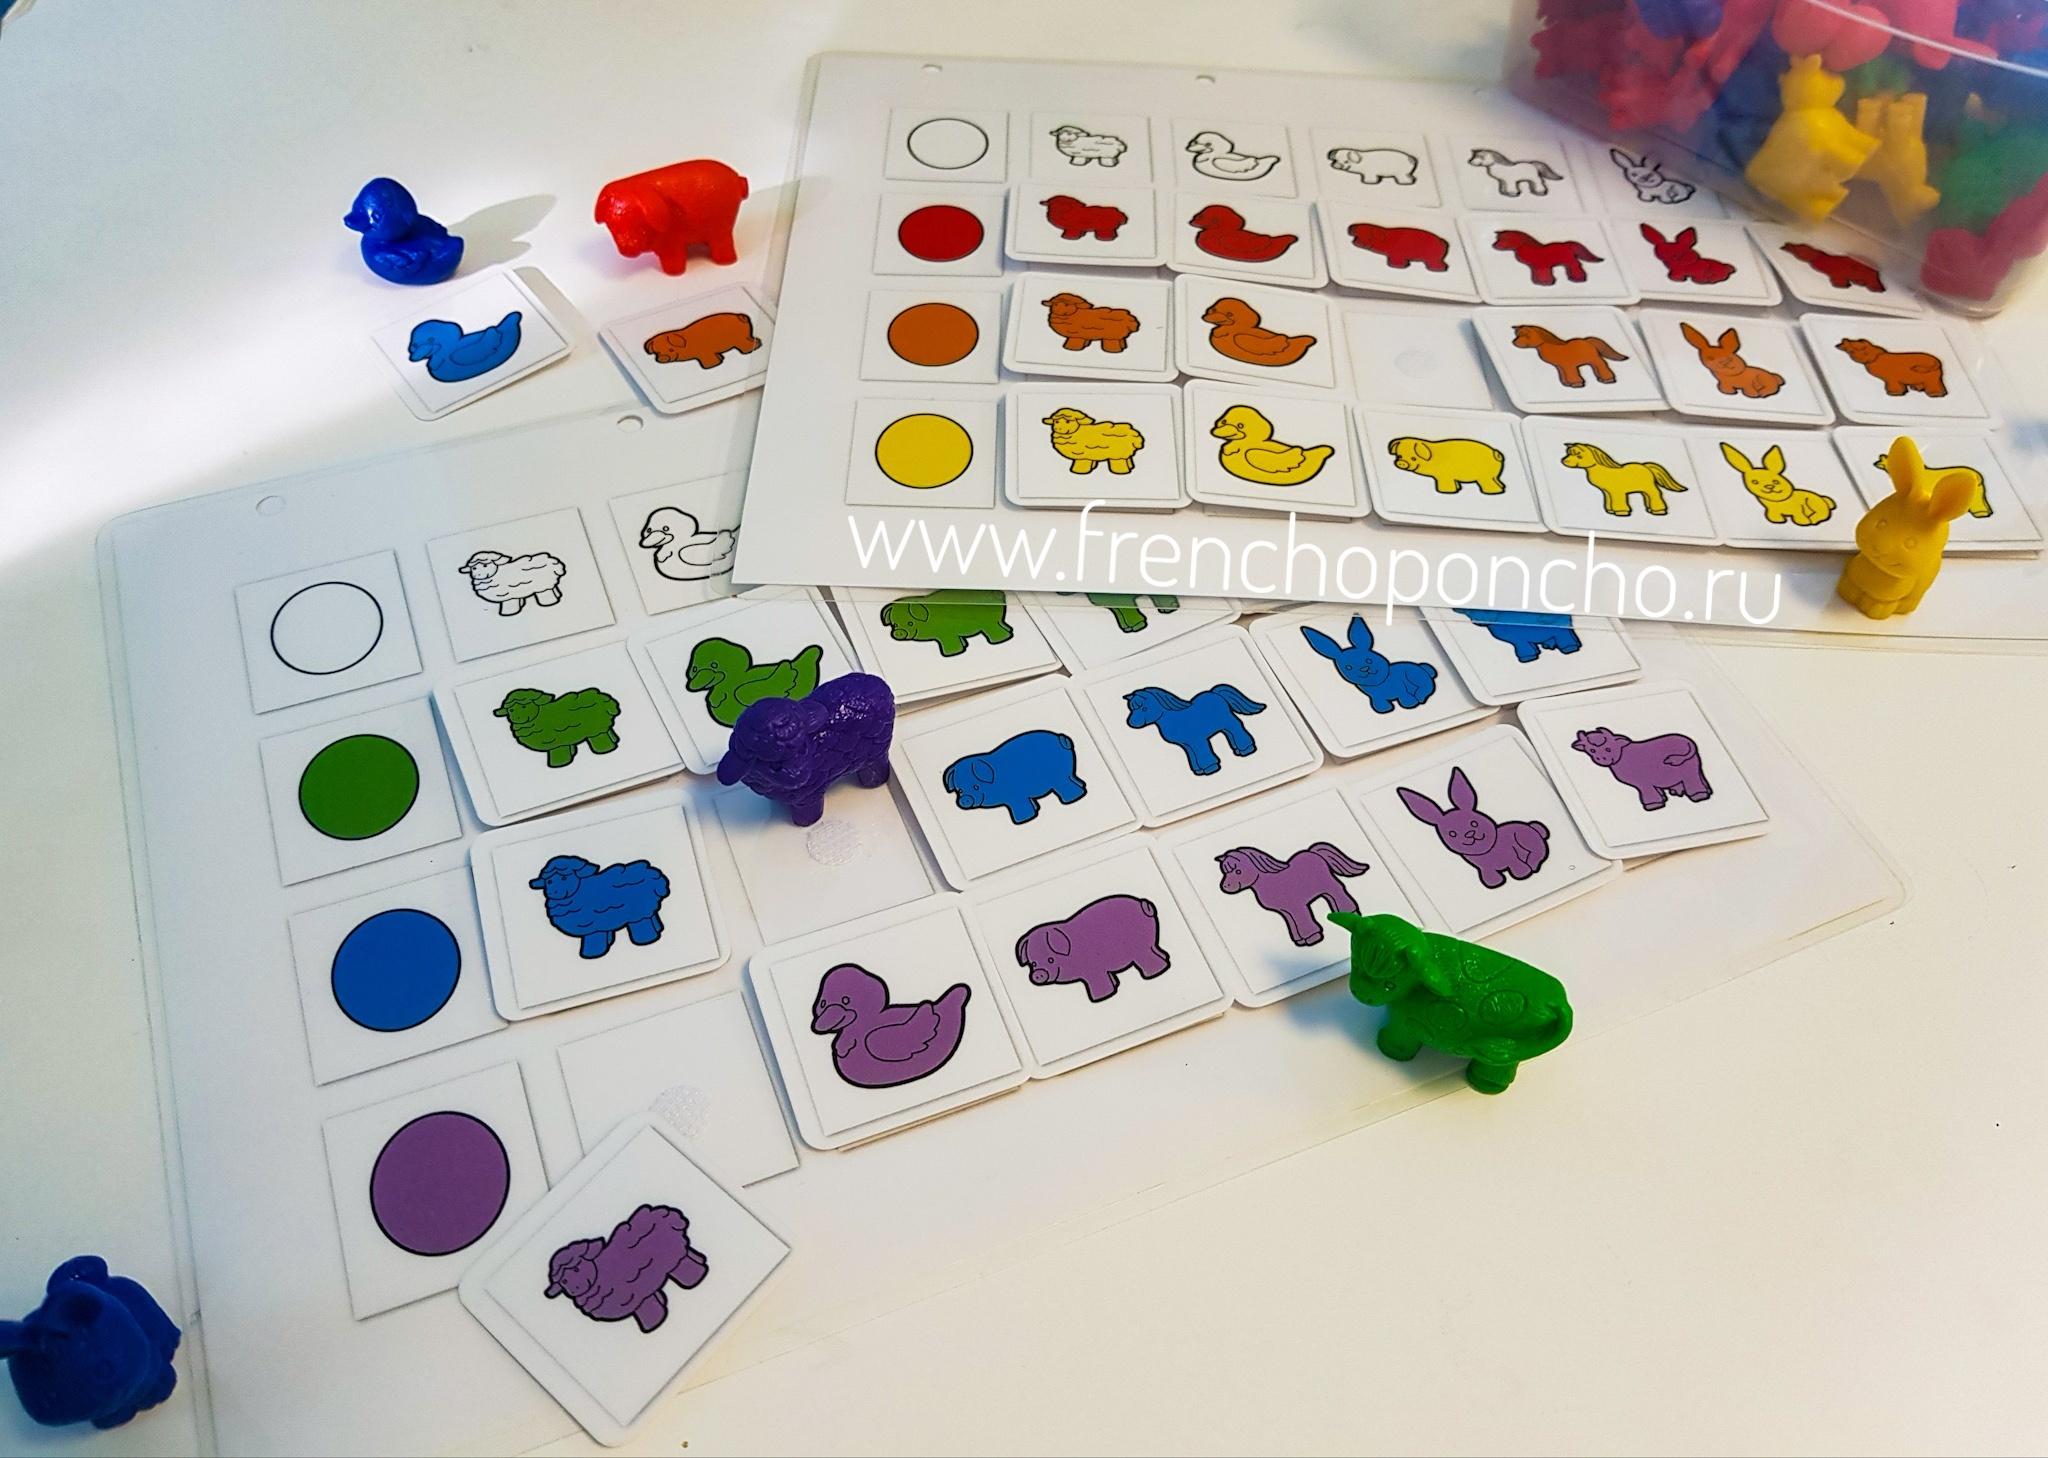 Сортировочная таблица с животными. Набор фигурок в комплекте. Развивающие пособия на липучках Frenchoponcho (Френчопончо)